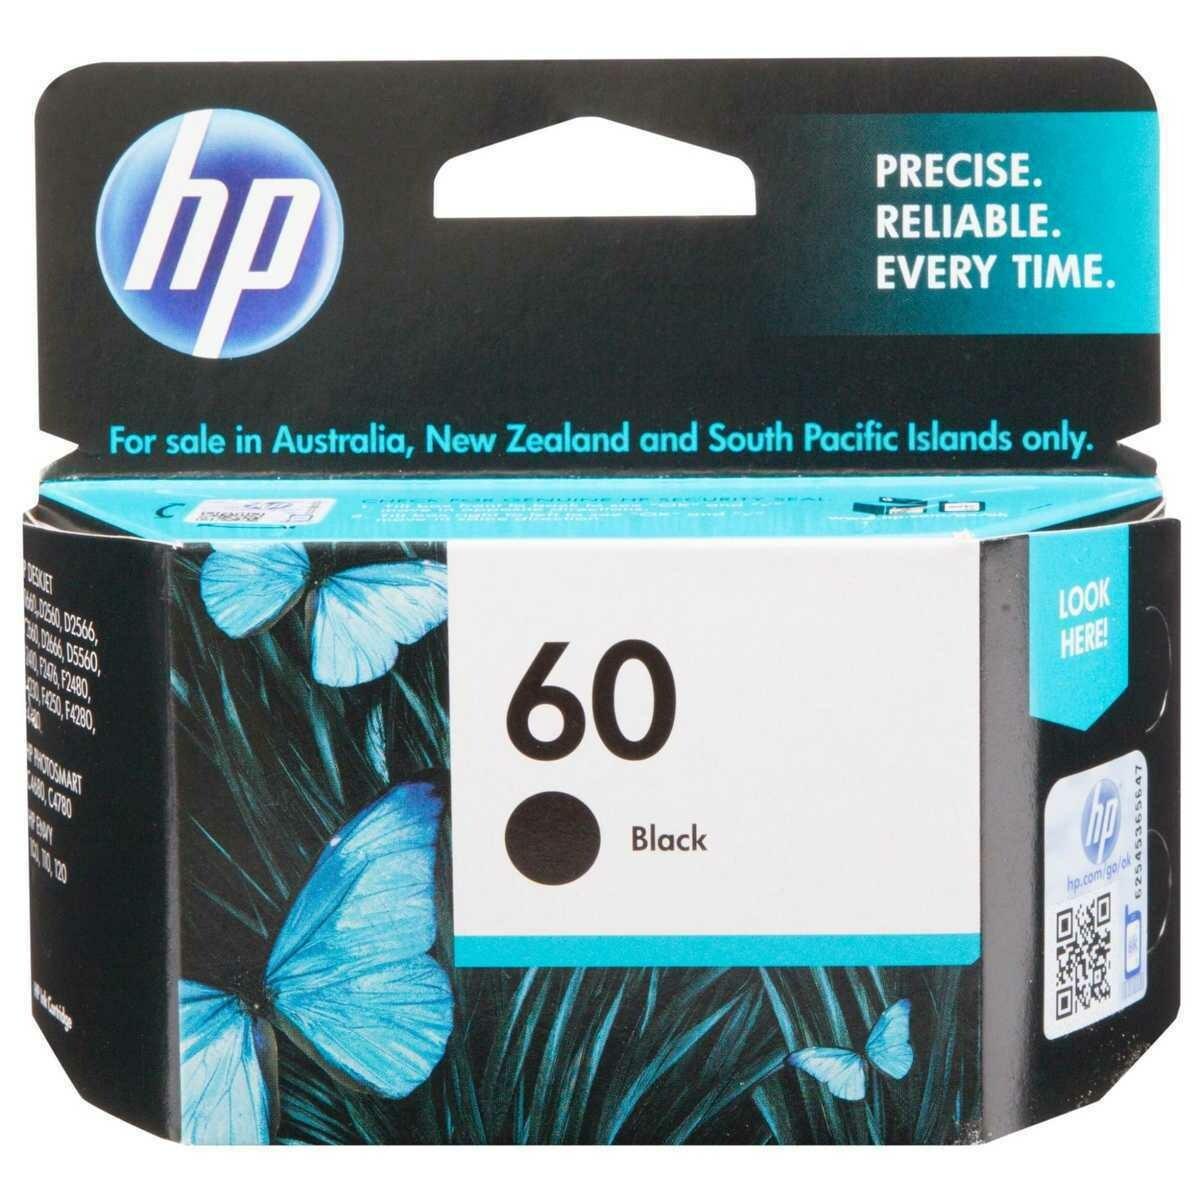 HP 60 Ink Cartridge, Black